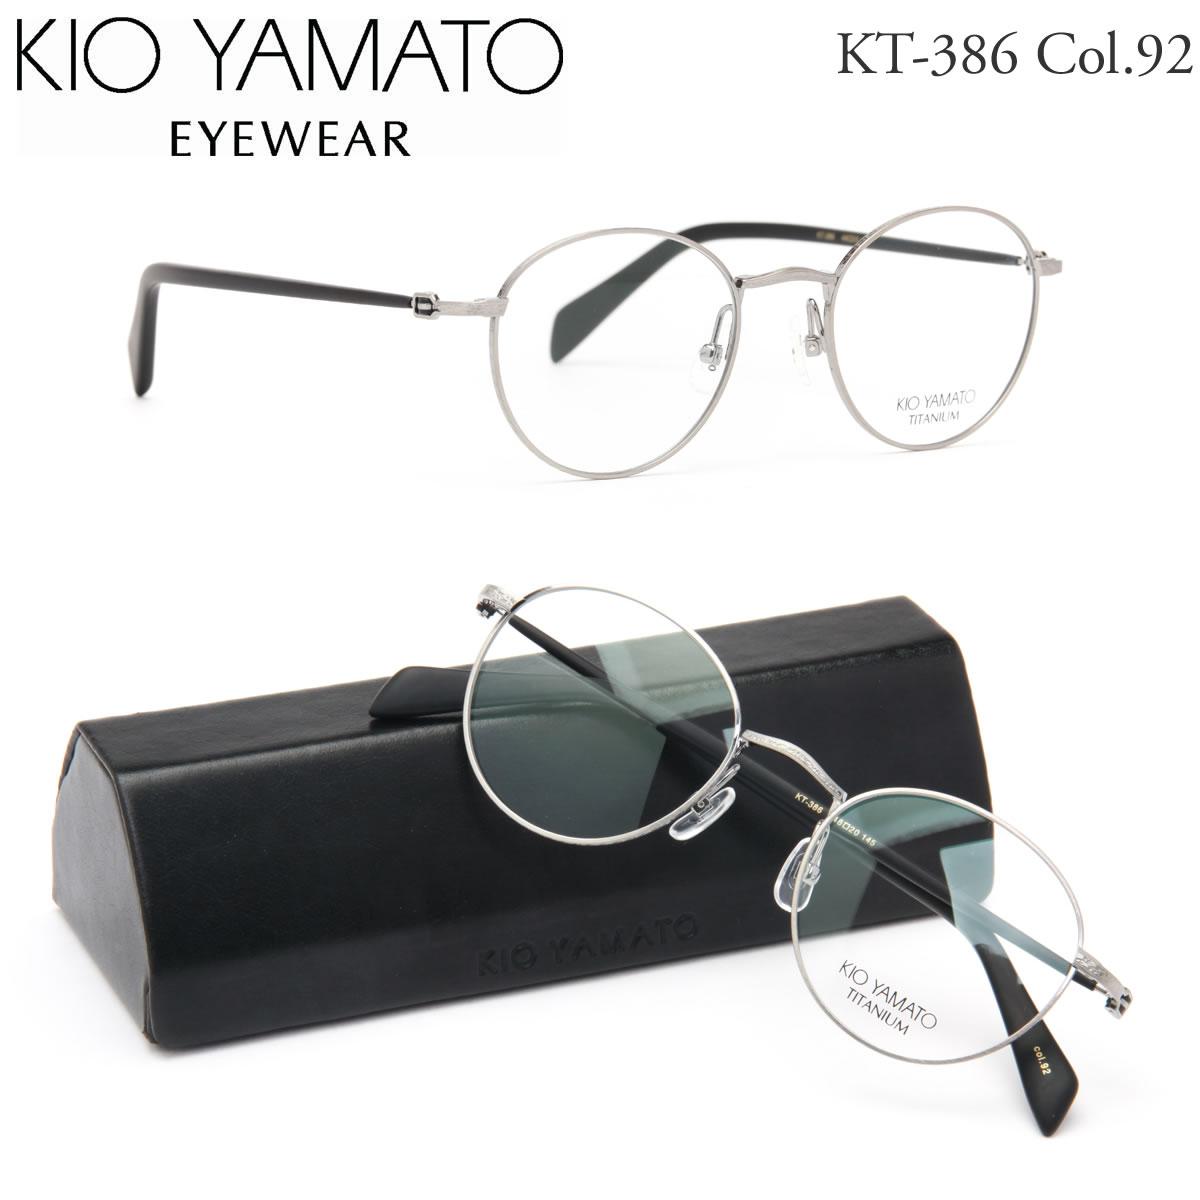 ほぼ全品ポイント15倍~最大43倍+3倍!お得なクーポンも! 【KIO YAMATO メガネ】キオヤマト メガネフレーム KT-386 92